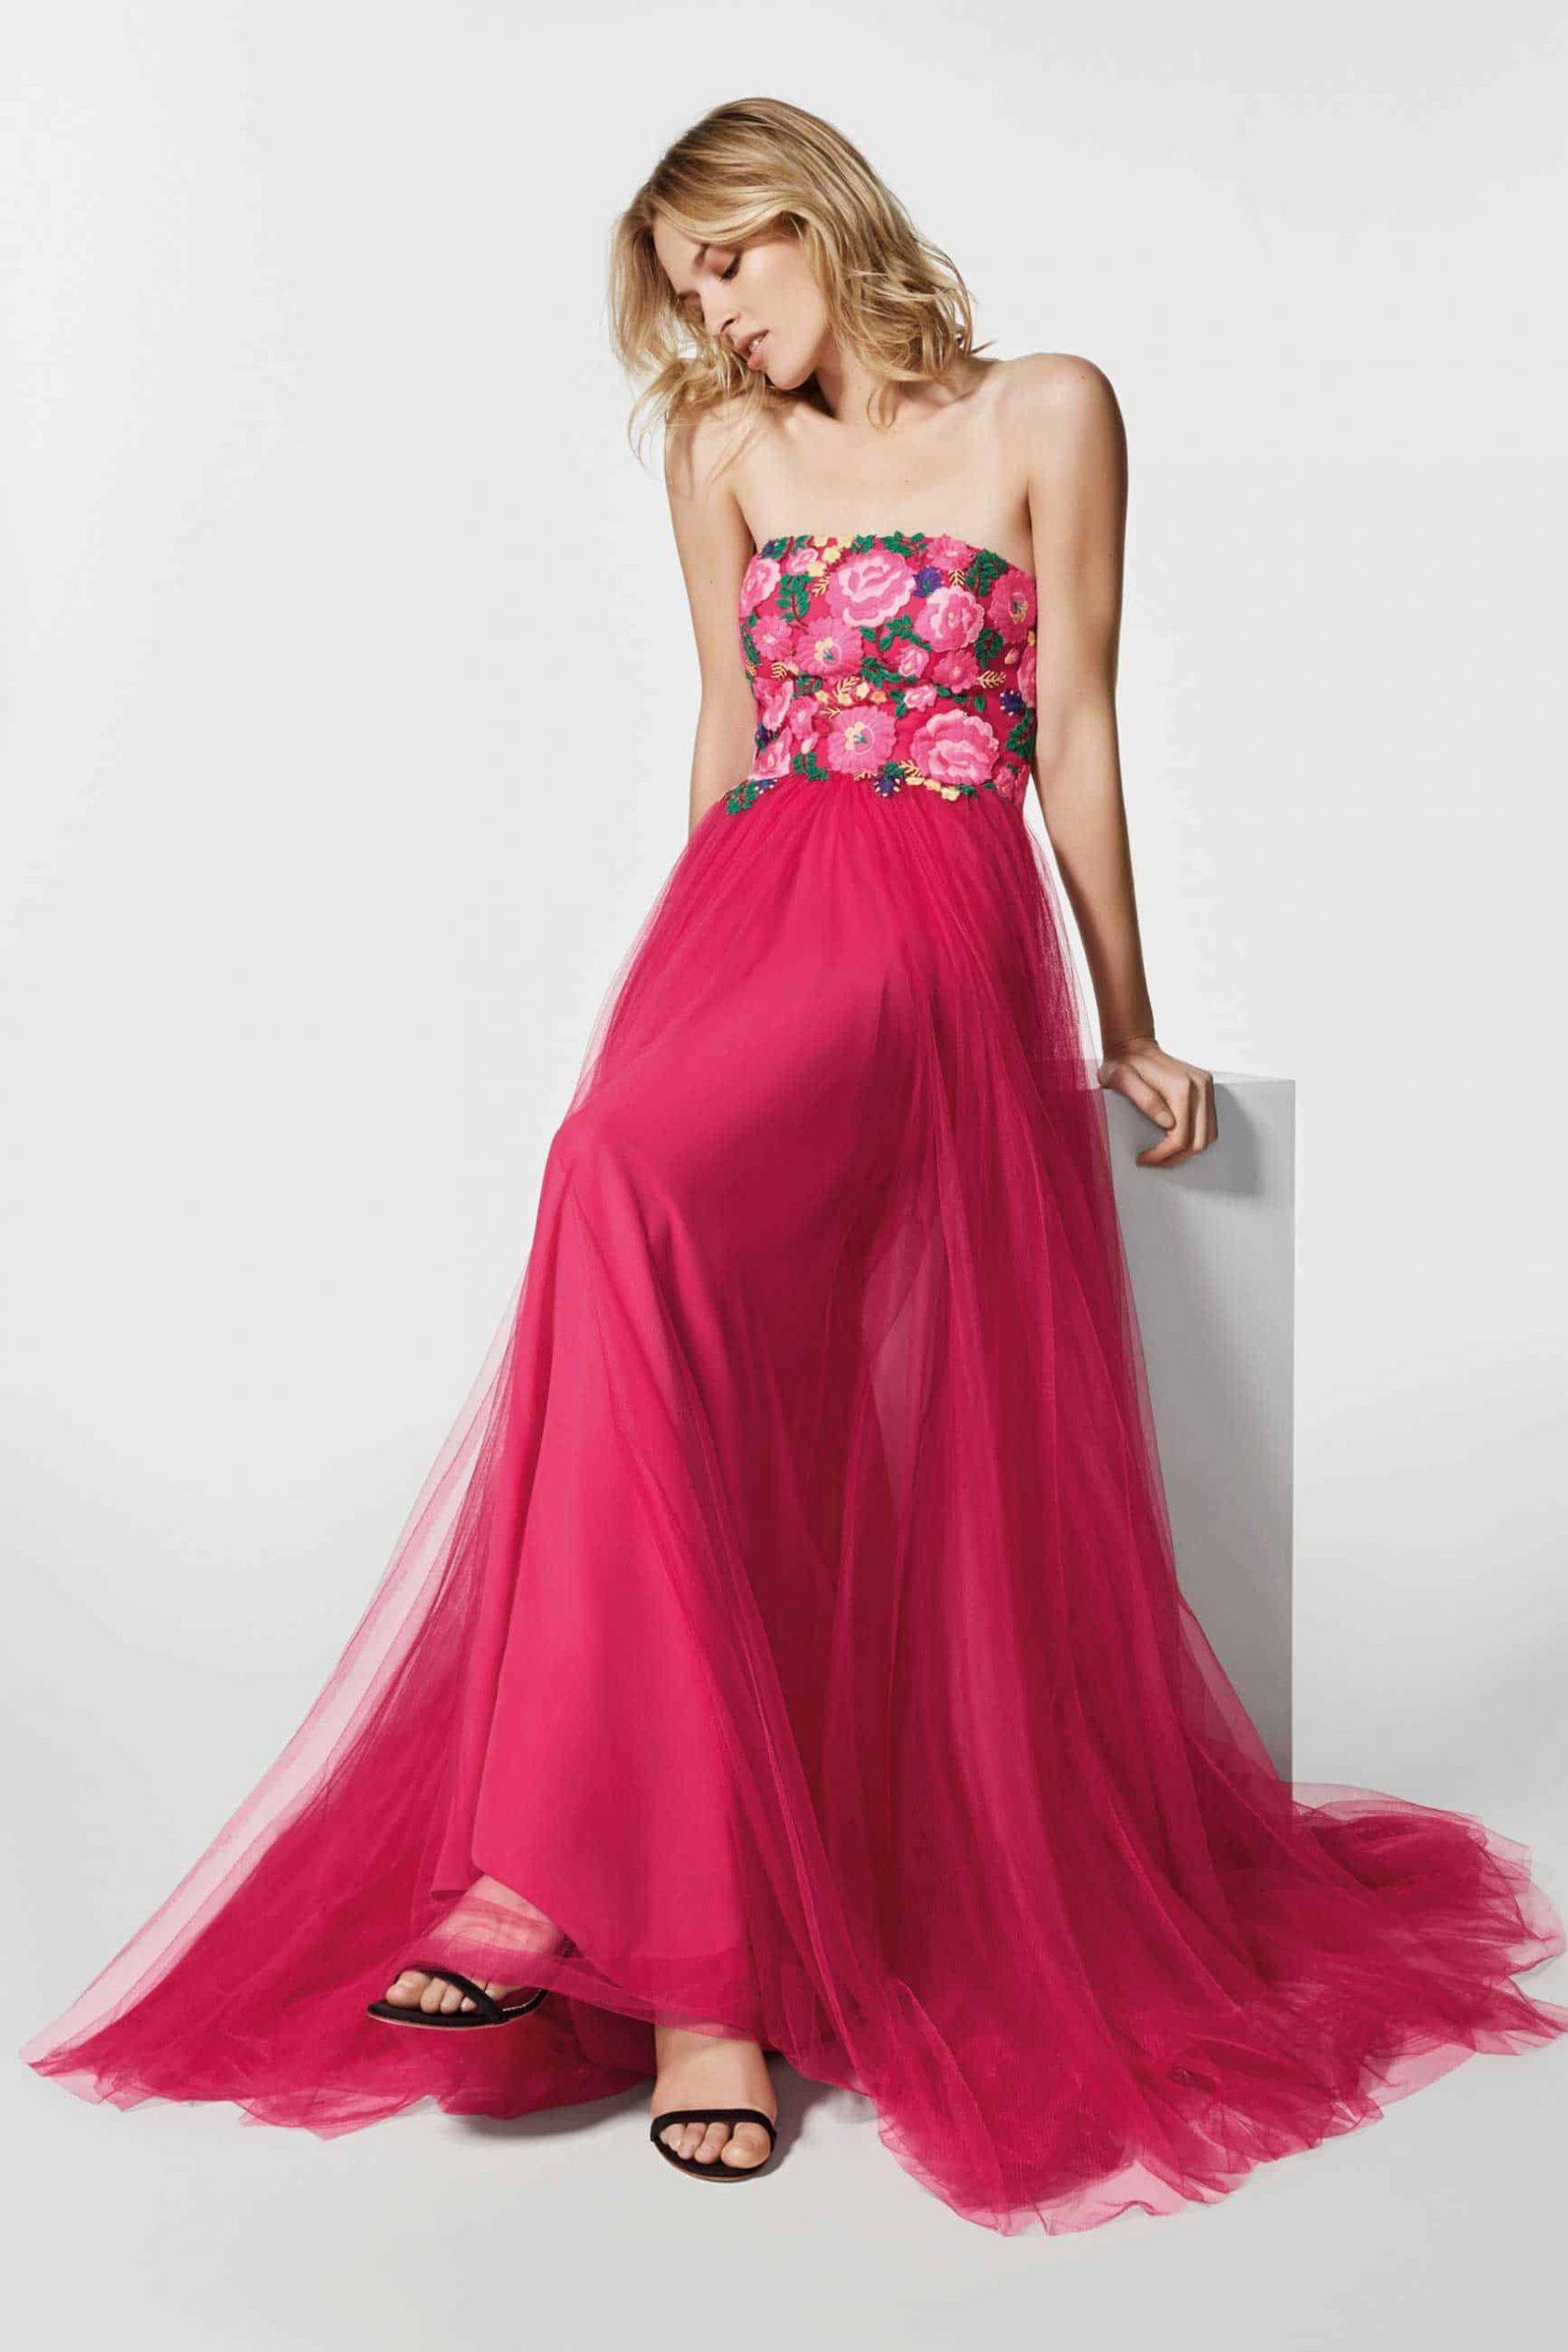 Luxus Party Abendkleid Boutique13 Schön Party Abendkleid Vertrieb